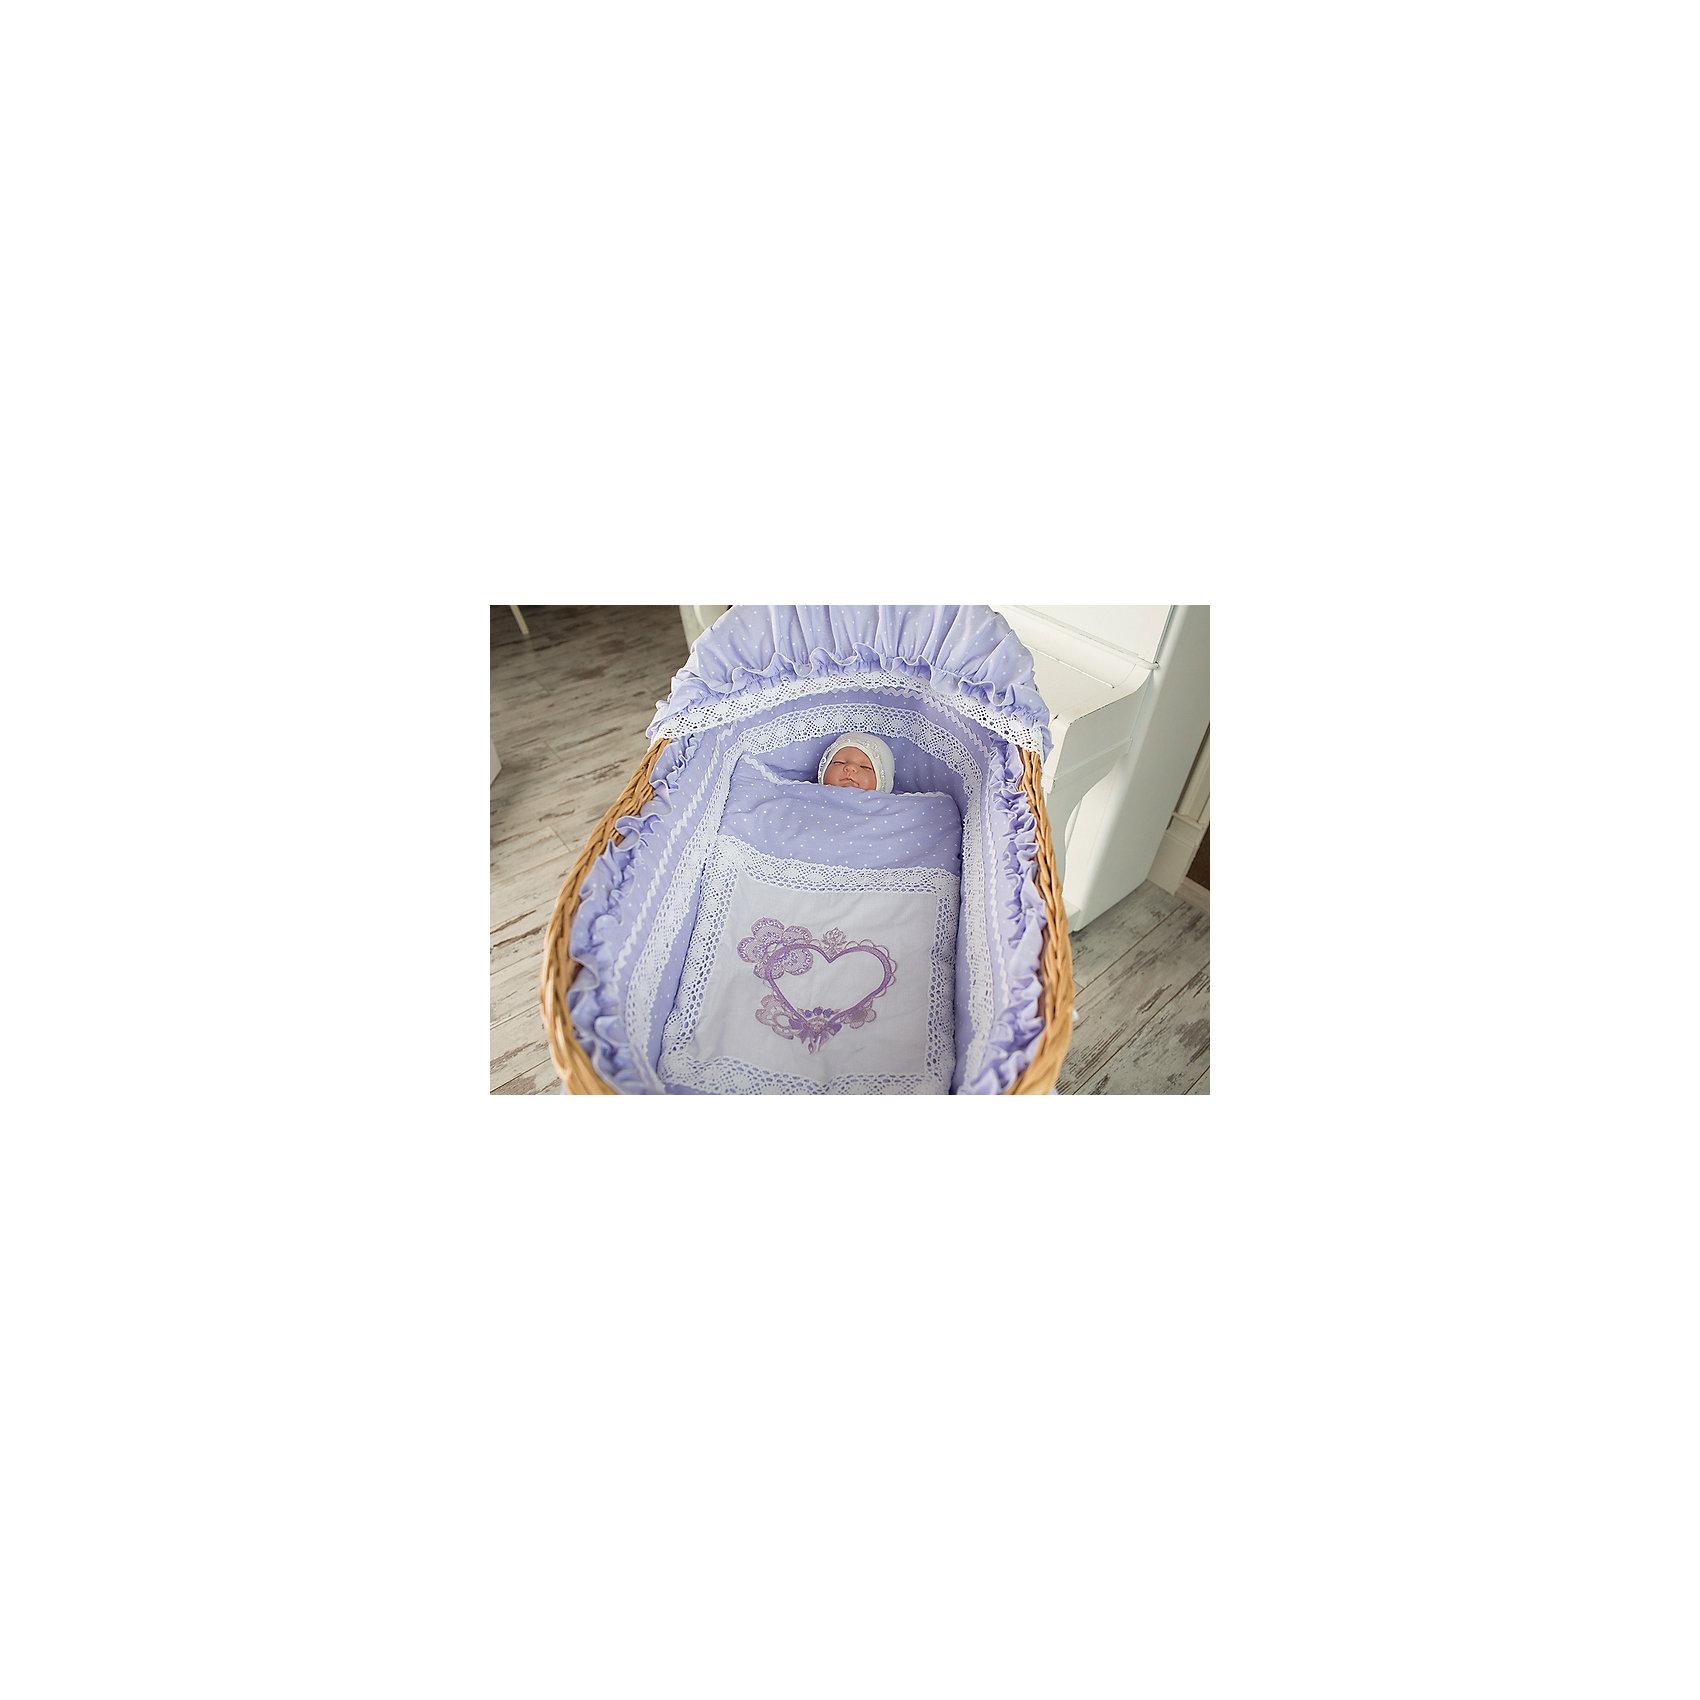 Люлька плетеная на колесах, GulSara сиреневый от myToys